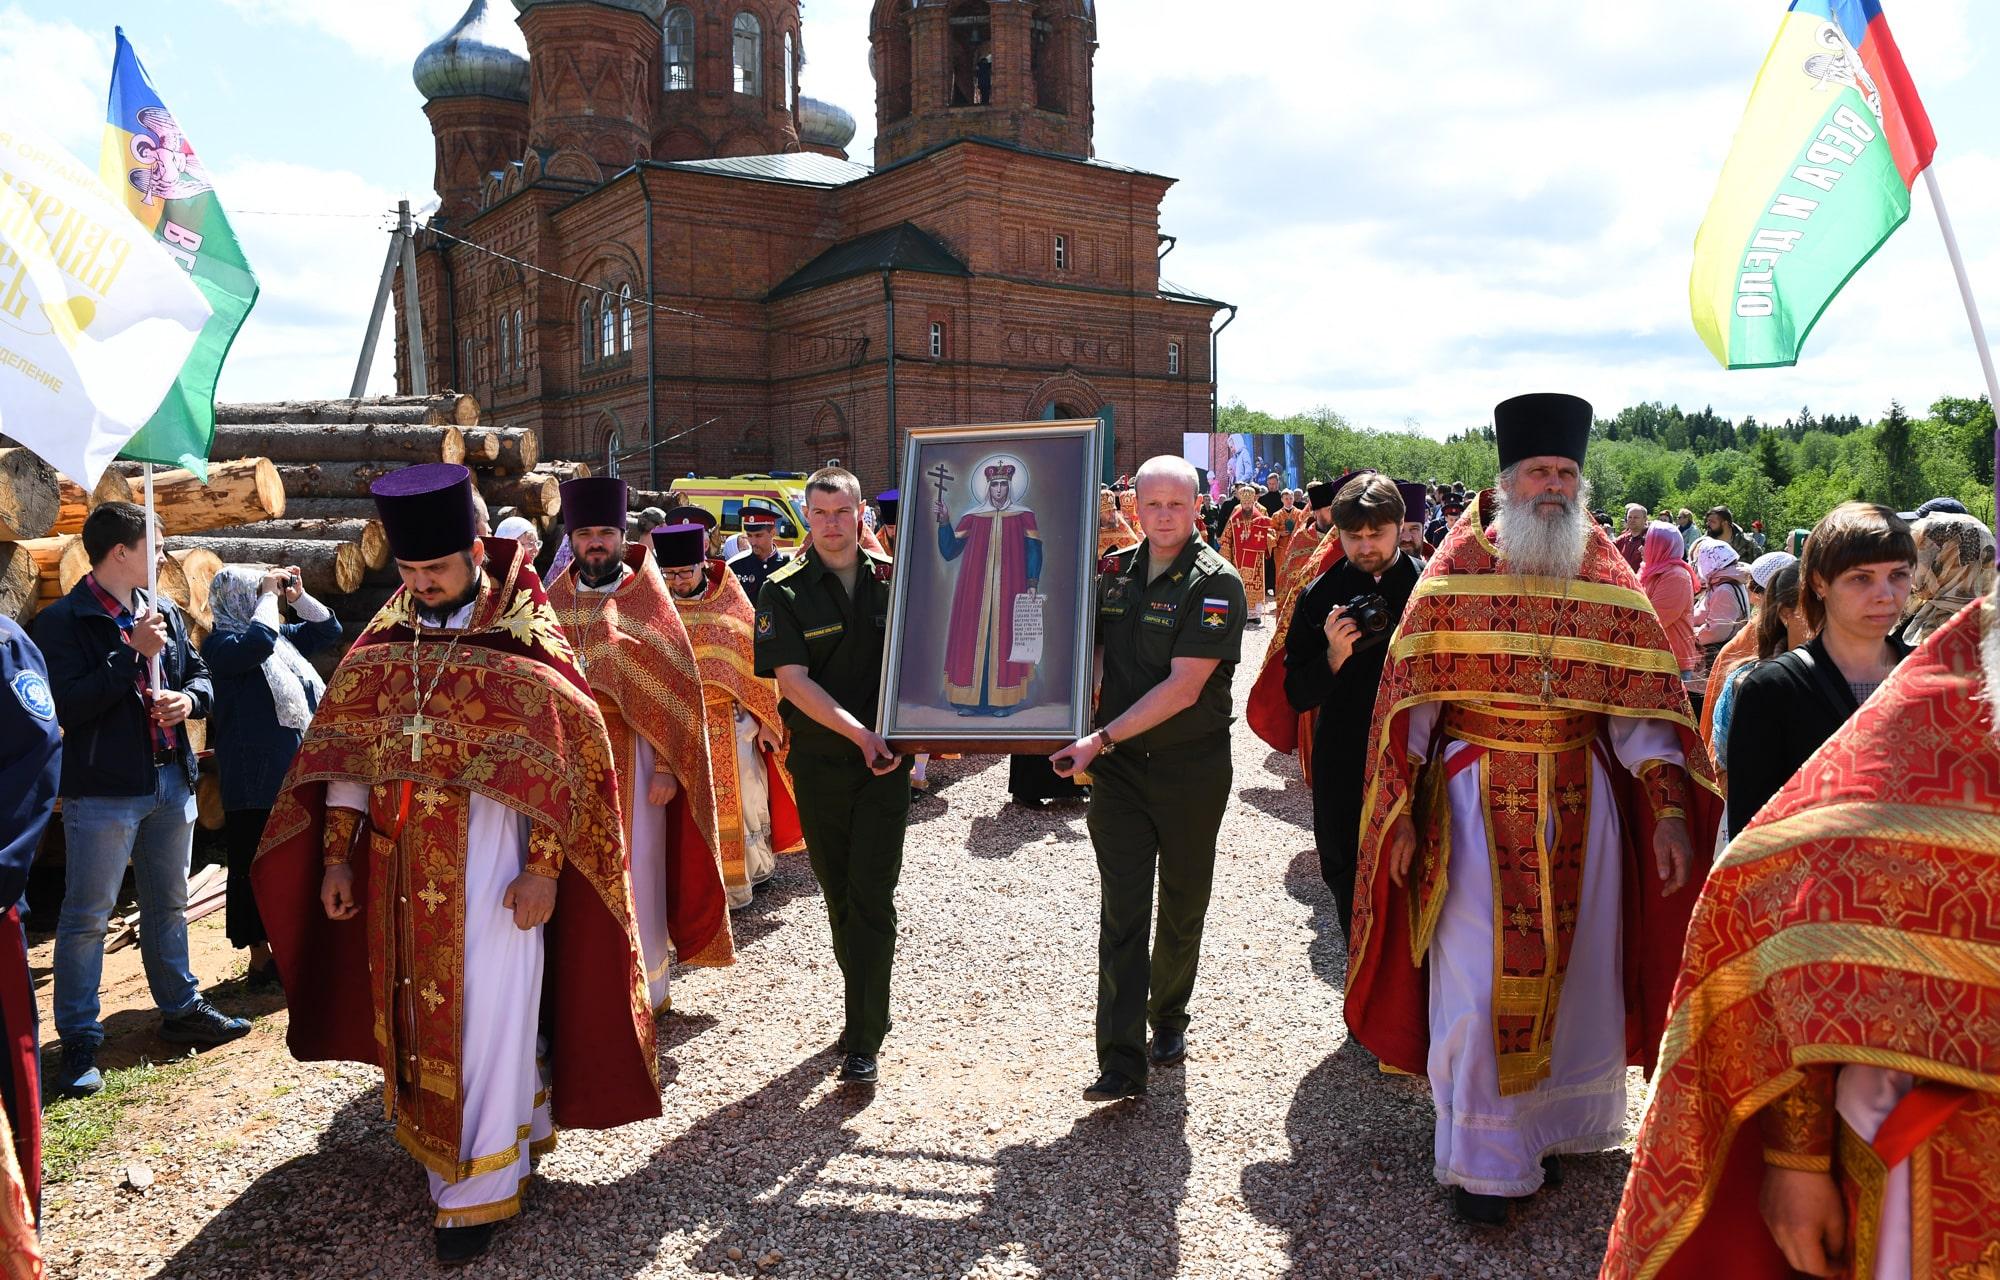 XXII Волжский Крестный ход пройдёт по территориям 11 районов Тверской области